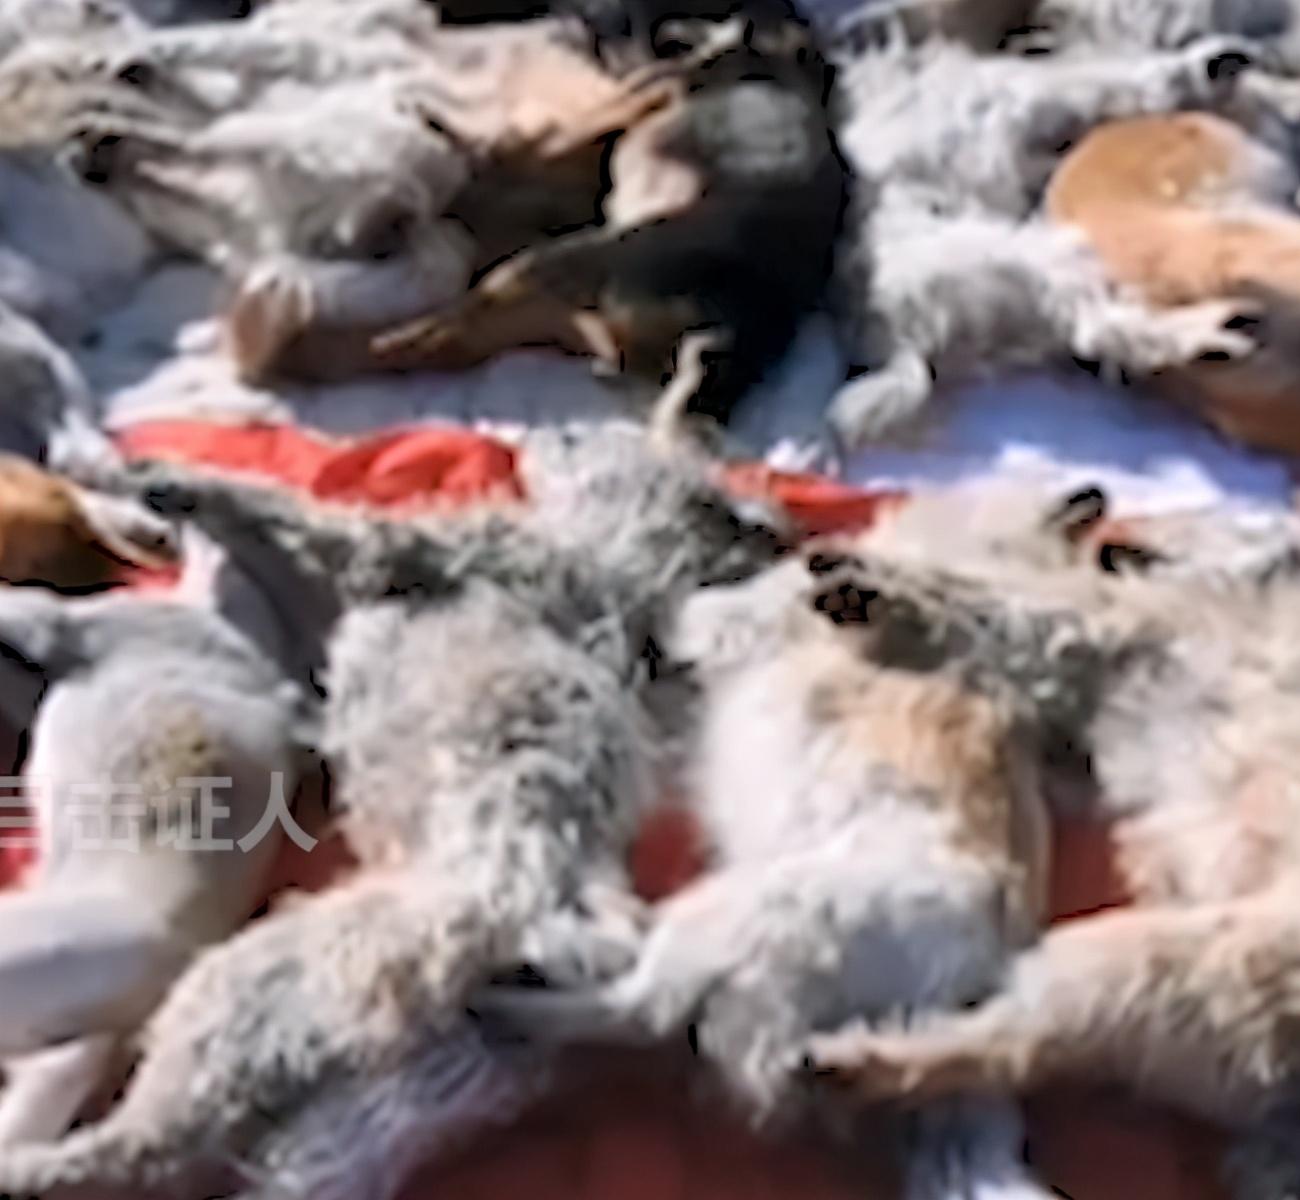 翻墙投毒!内蒙古一救助站十几只狗被毒死,工作人员抱着狗崩溃大哭